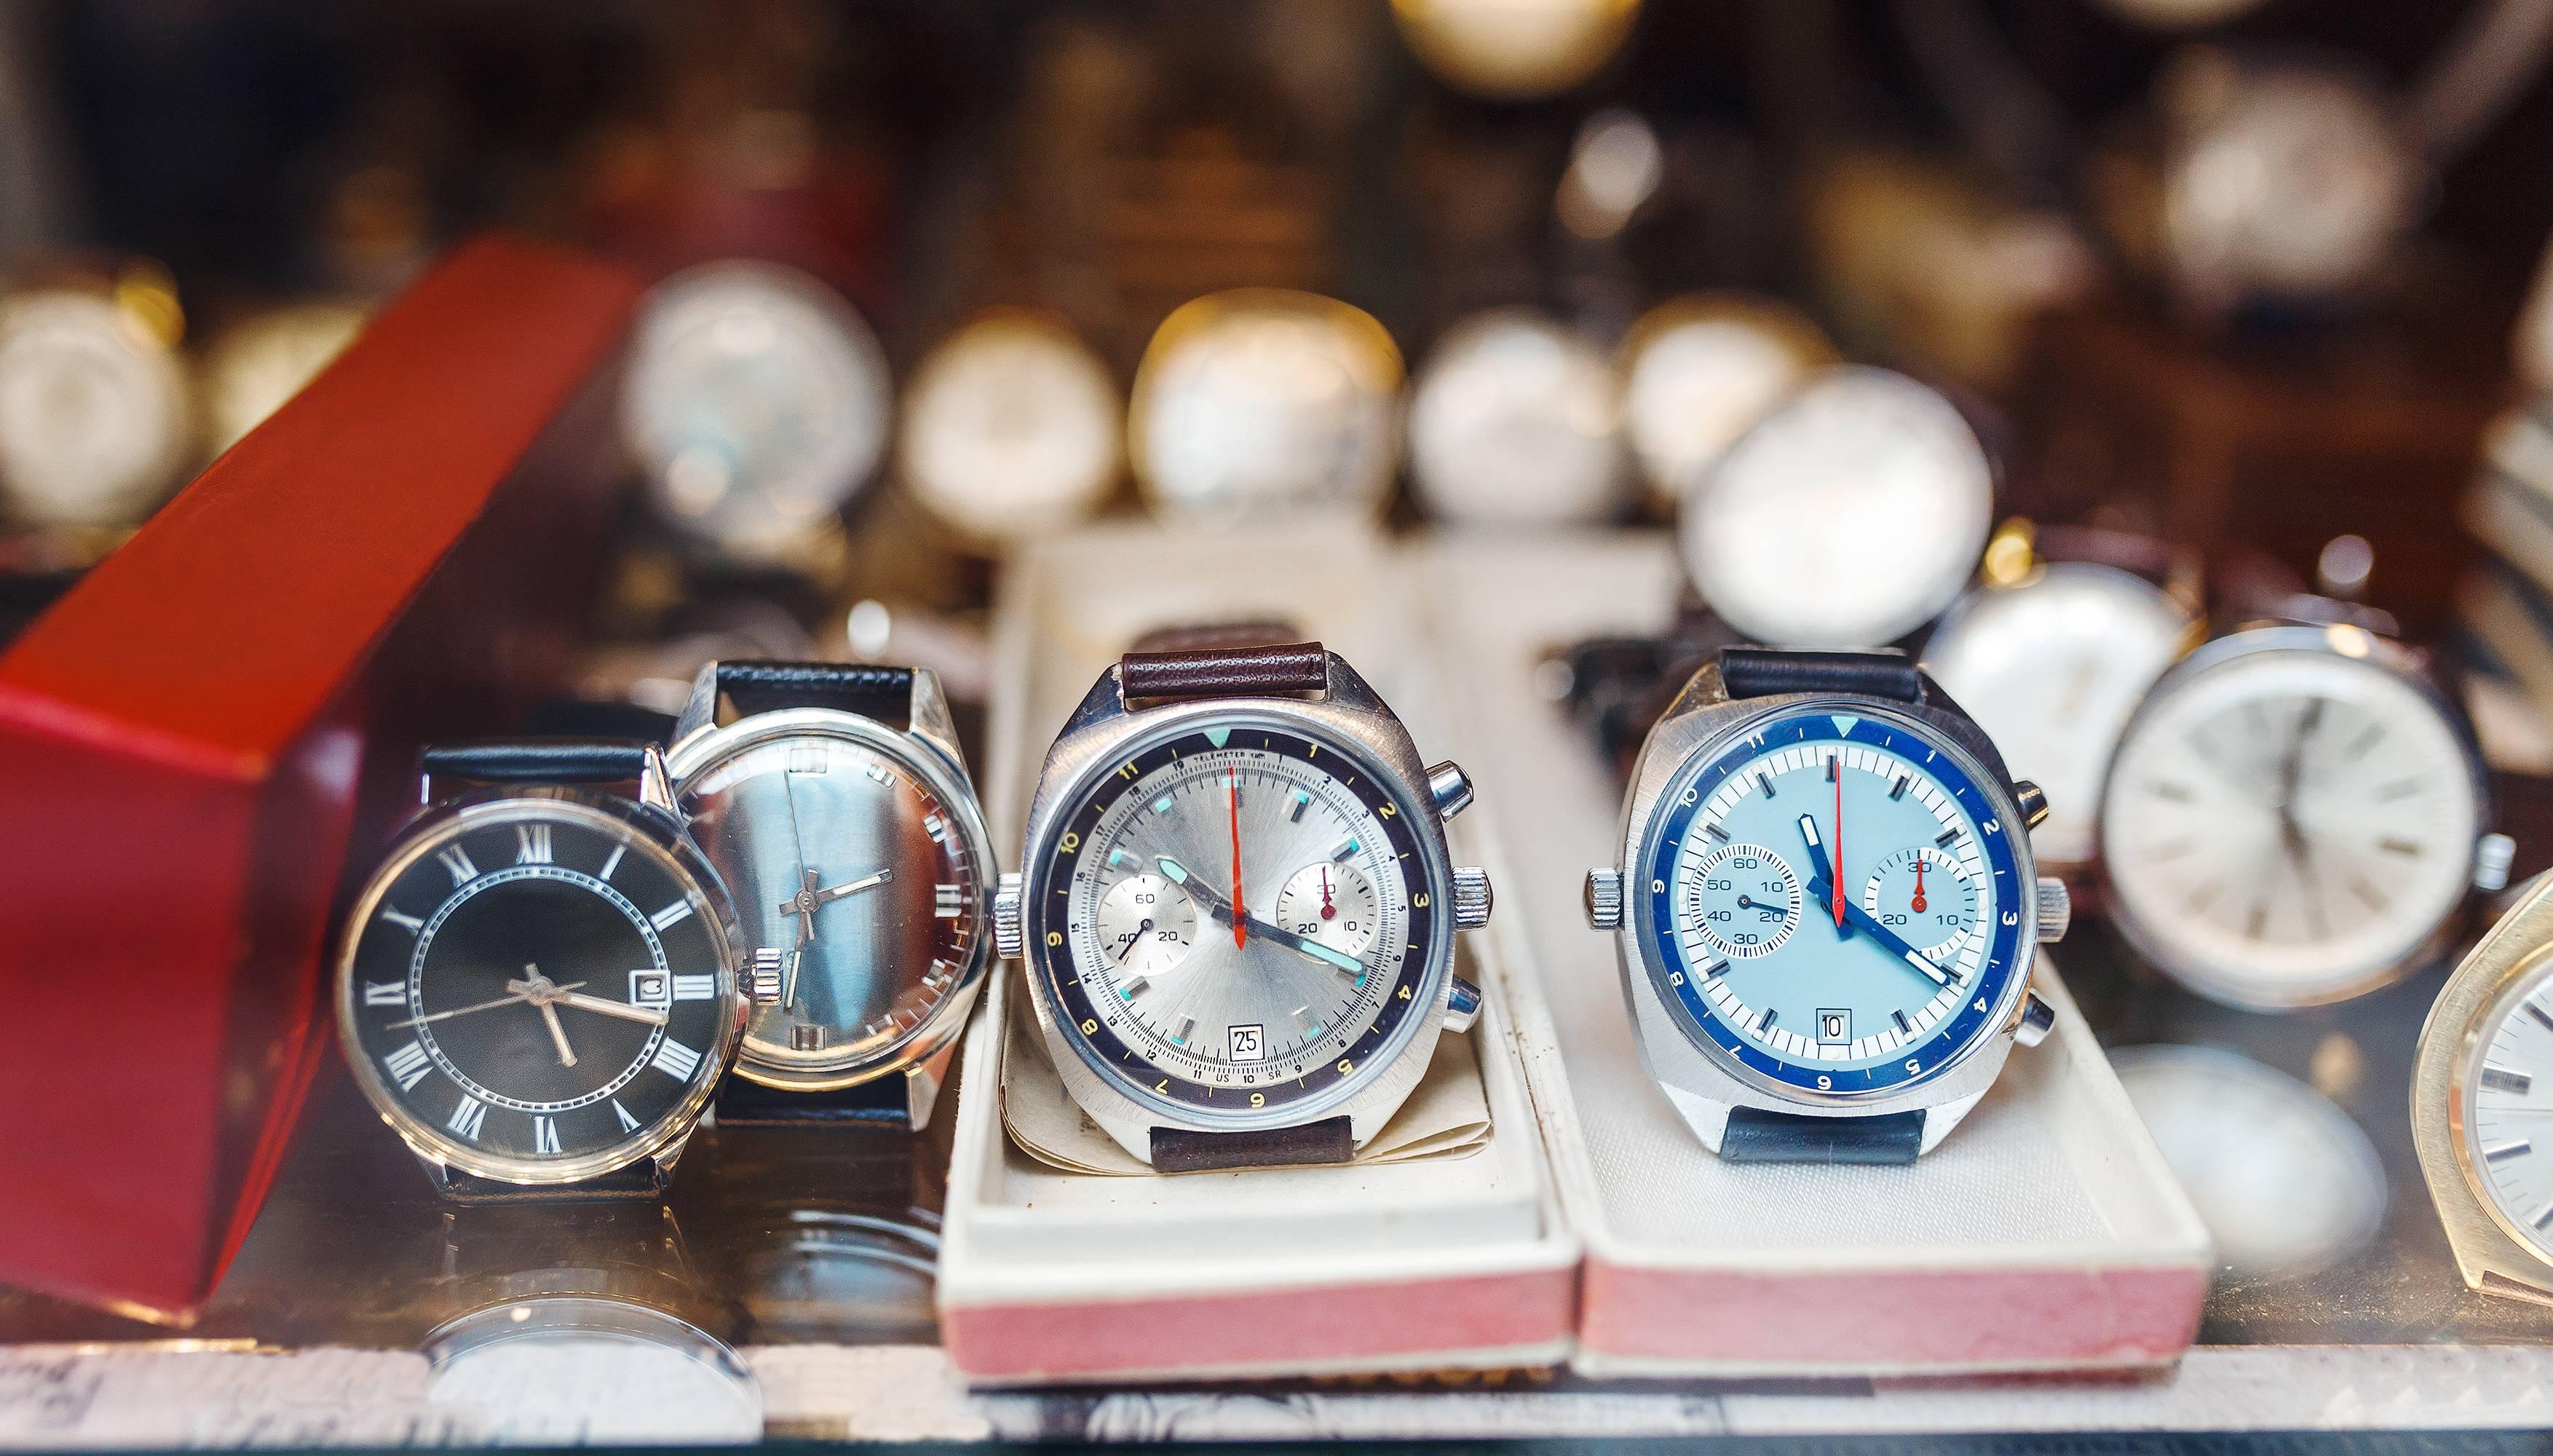 visu caractere revele - Que révèle votre montre sur votre caractère ?